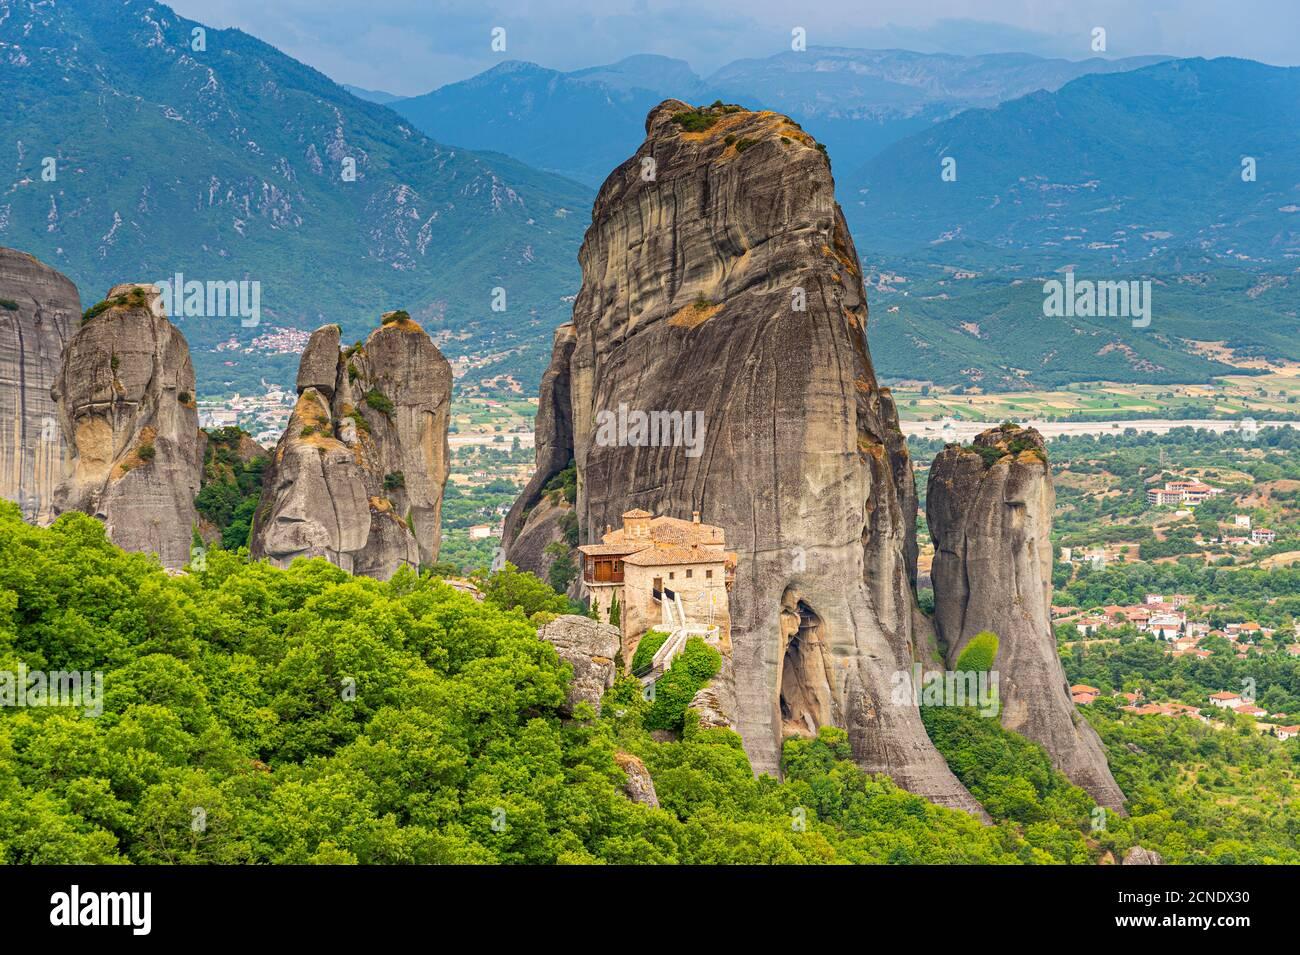 Monastero Santo di Rousanou, patrimonio dell'umanità dell'UNESCO, monasteri di Meteora, Grecia, Europa Foto Stock